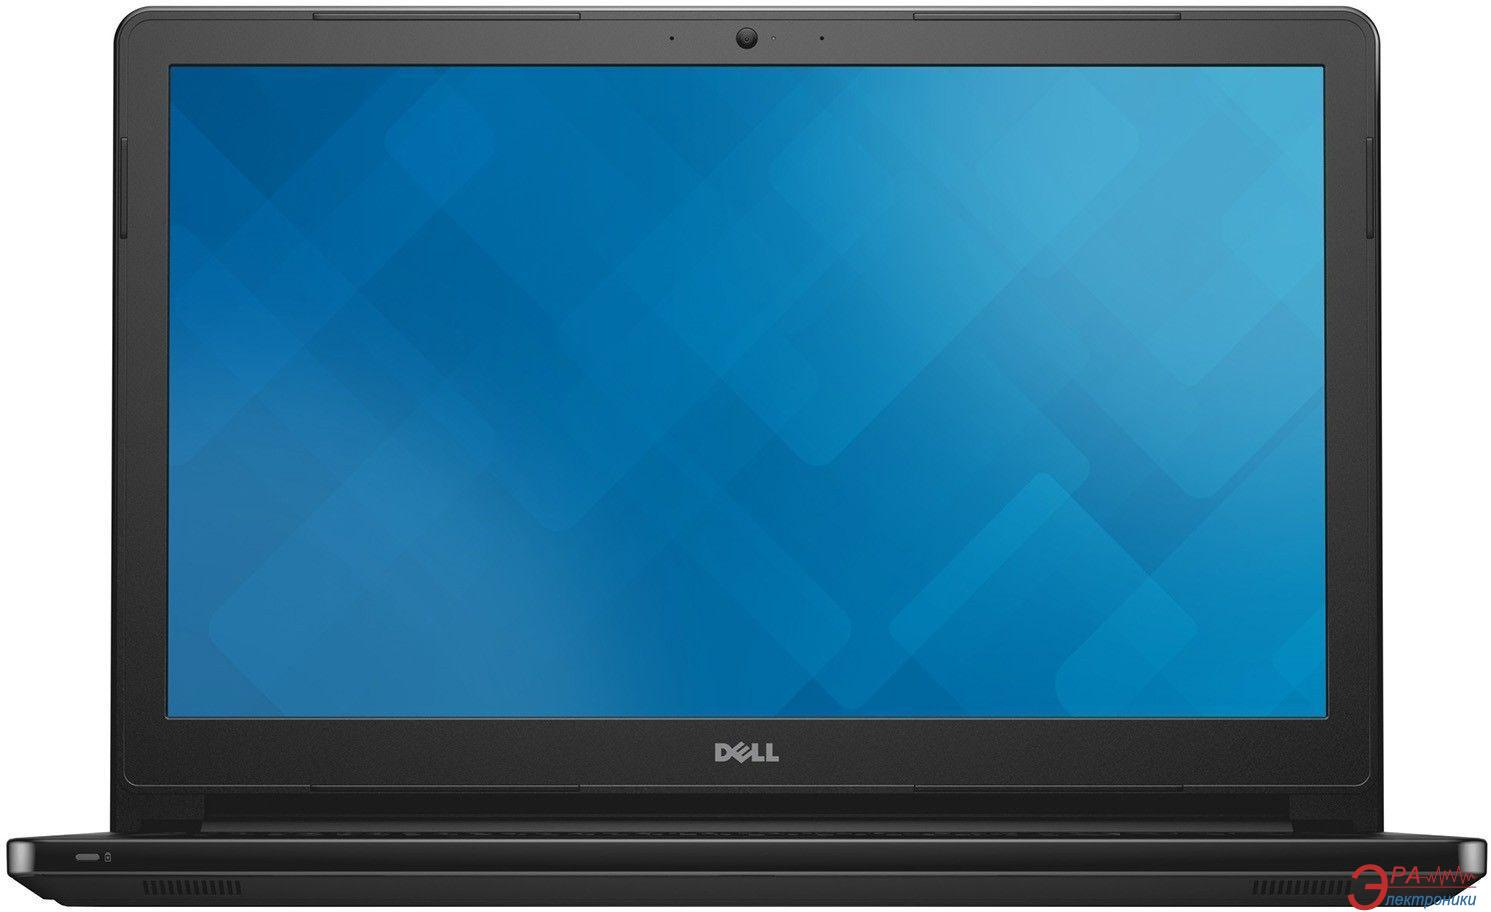 Ноутбук Dell Vostro 3559 (VAN15SKL1701_008_WIN) Black 15,6